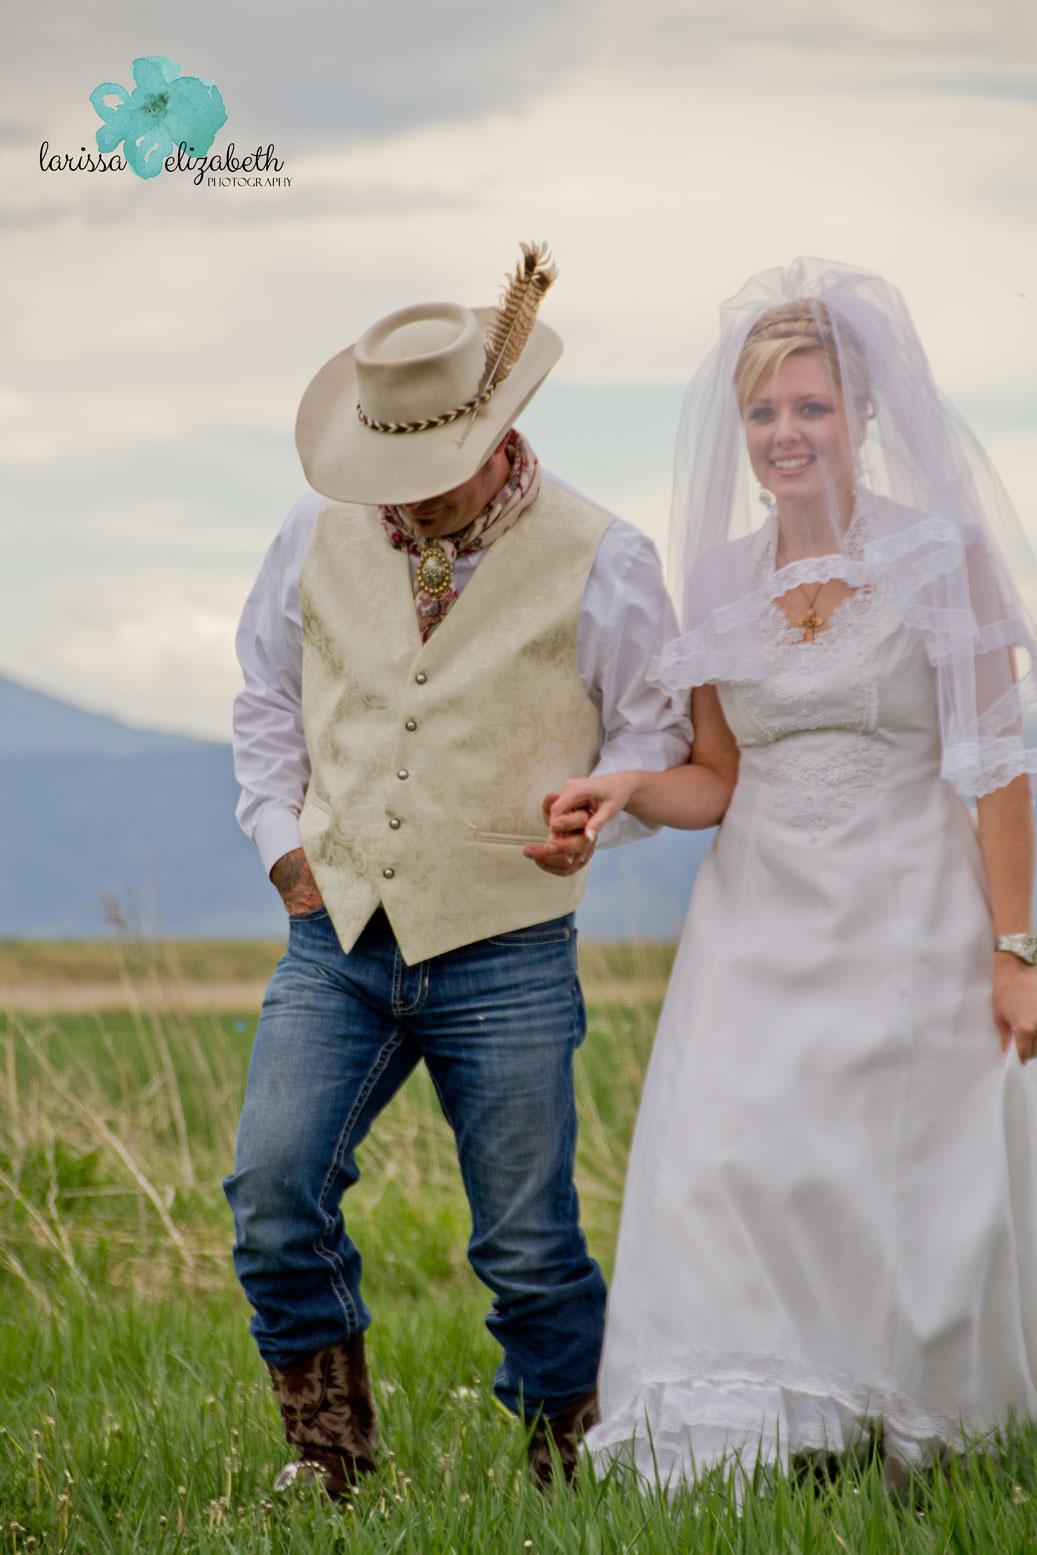 Colorado-Cowboy-Wedding-9.jpg